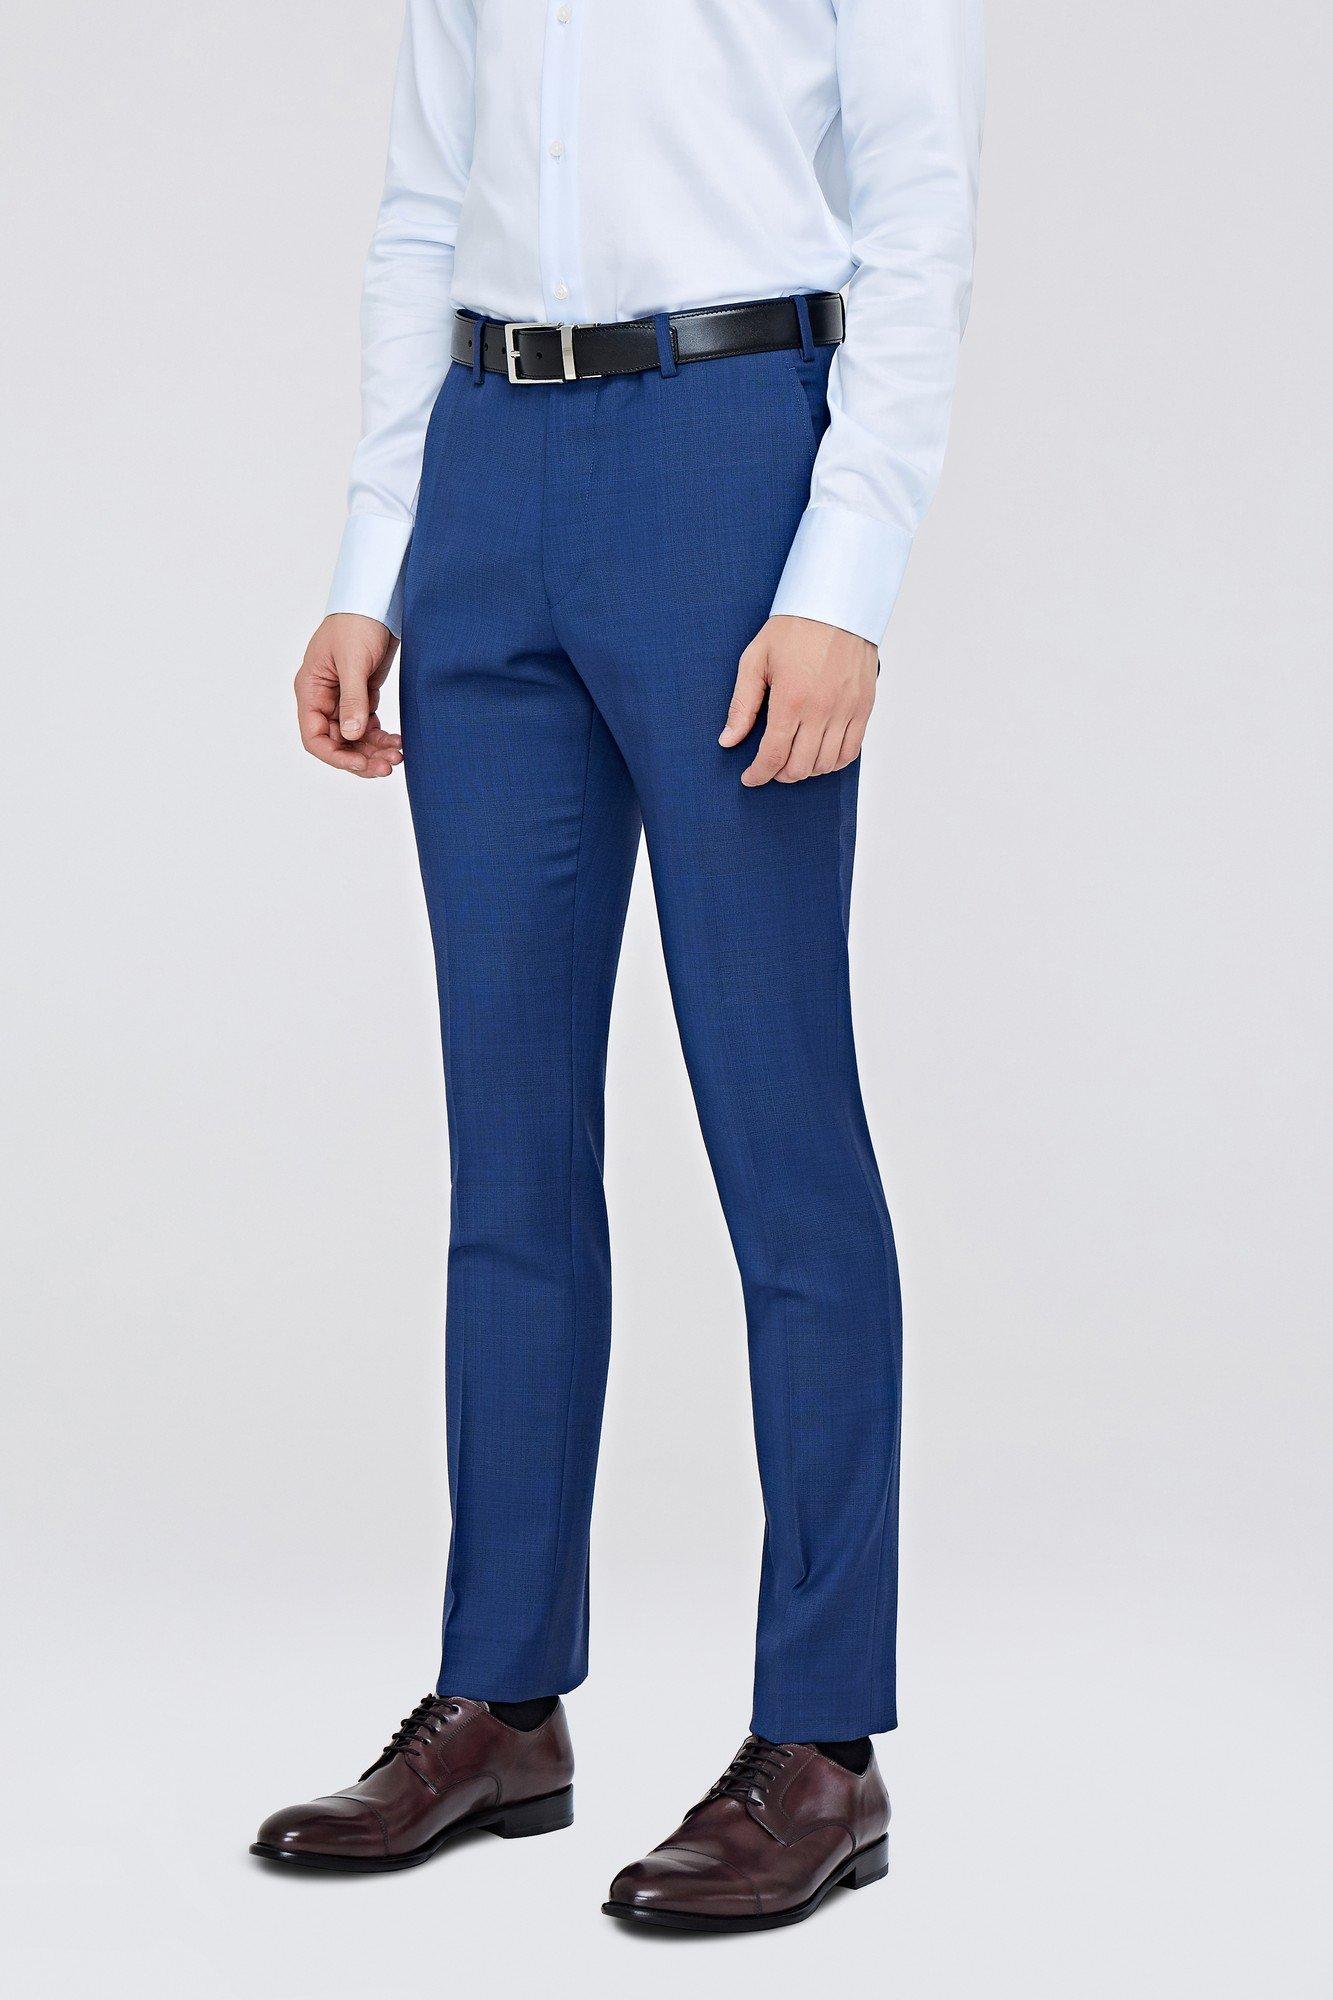 Костюмные брюки синего цвета в неброскую клетку 405BA купить по цене 7 230  руб. в интернет-магазине Albione 70cf858a734